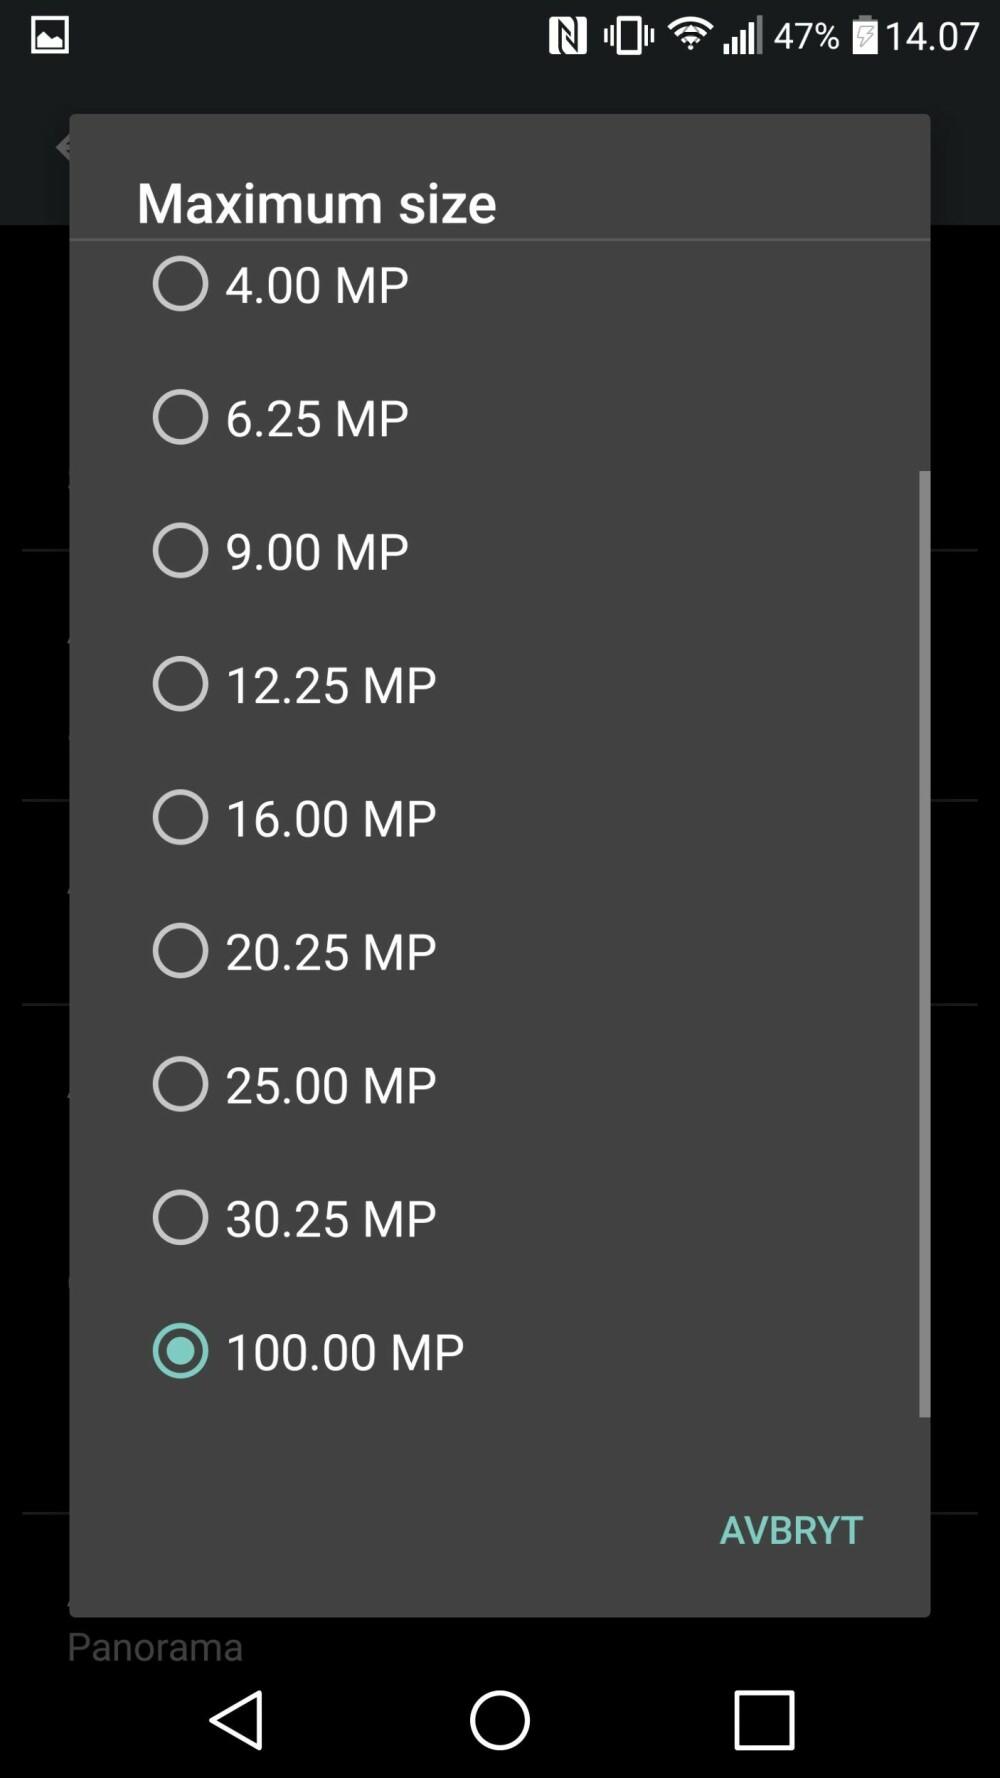 Finn innstillingen for «Maximum size» og sett denne til 100.00 MP. Da hindrer du appen i å nedskalere det ferdige bildet (med mindre det blir over 100 megapiksler stort).